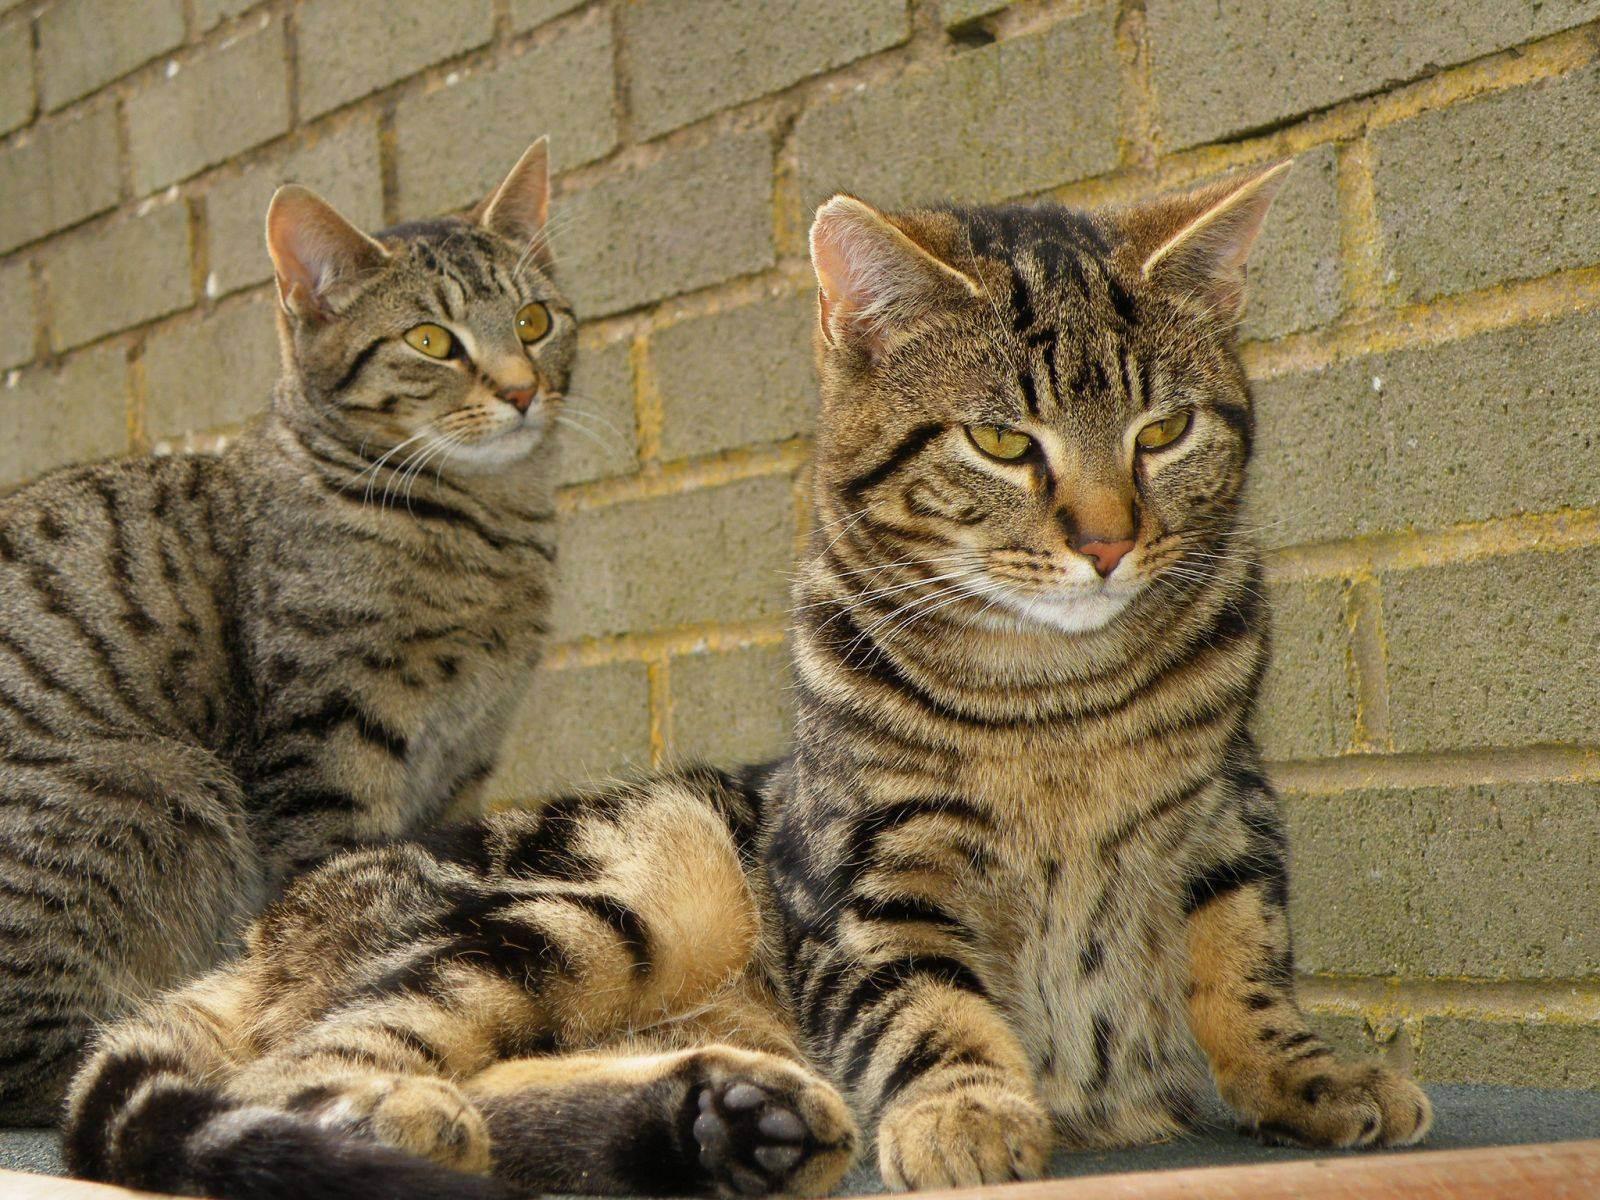 Окрас табби (тэбби) у кошек: виды и классификация, у каких пород встречается